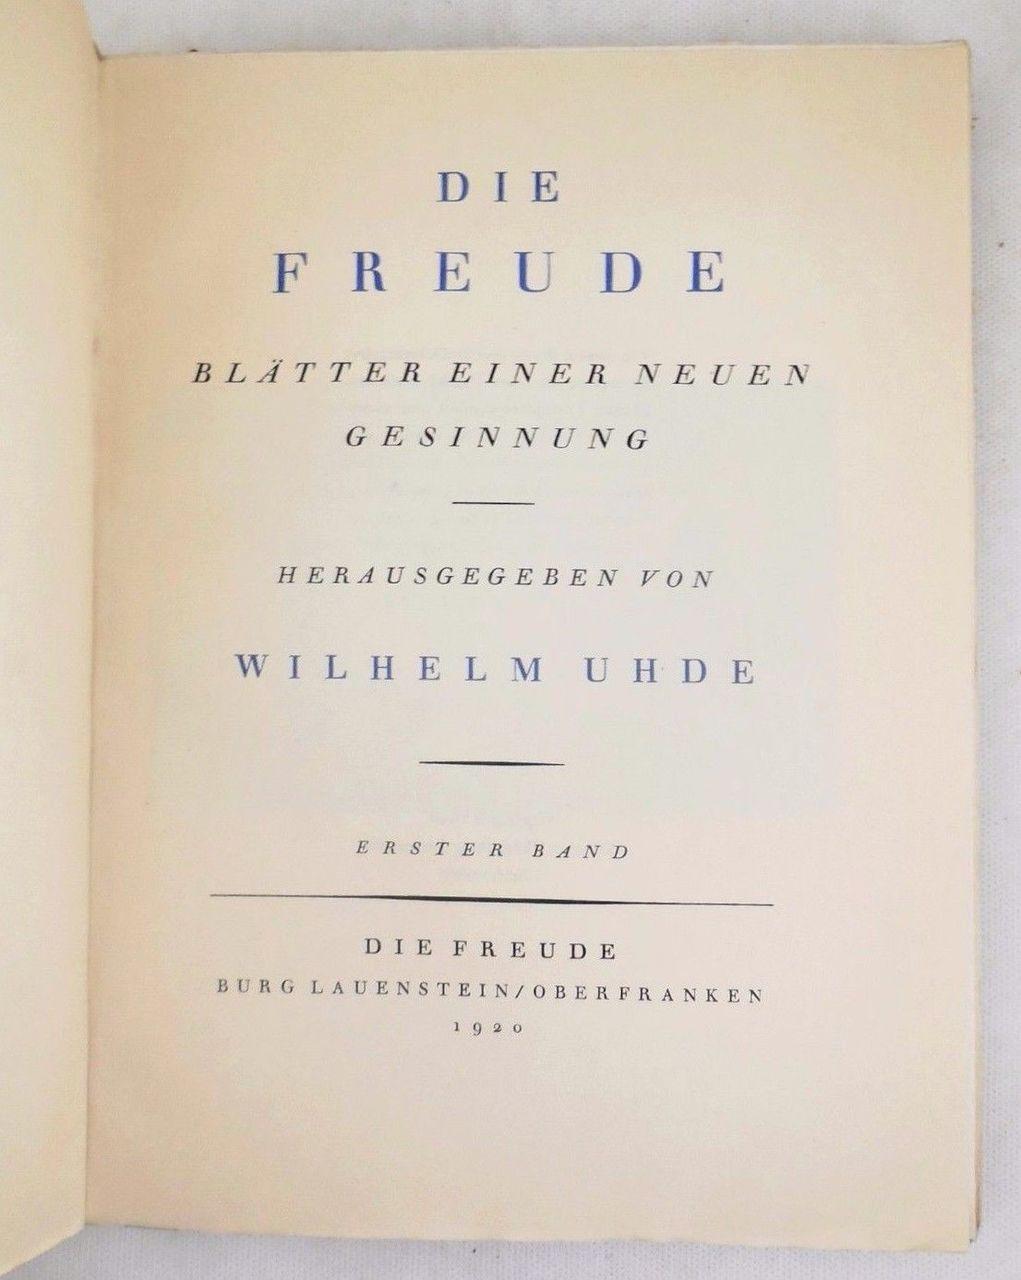 DIE FREUDE: BLATTER EINER NEUEN GESINNUNG, ed by Wilhelm Uhde - 1920 [Ltd 1st Ed]